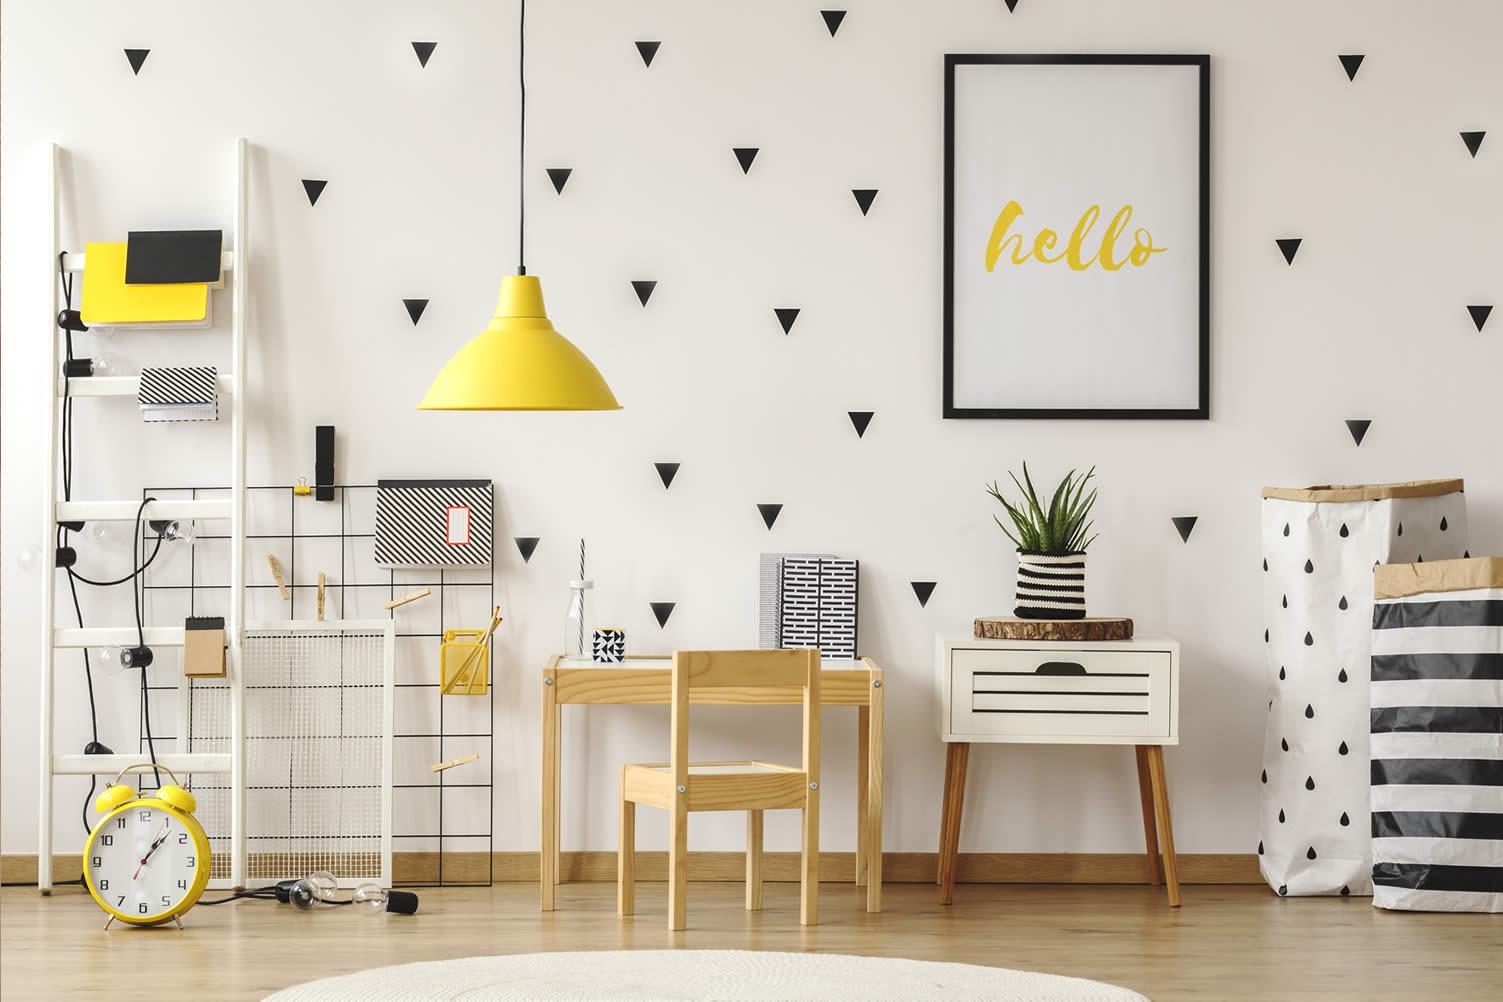 creating a playroom at home